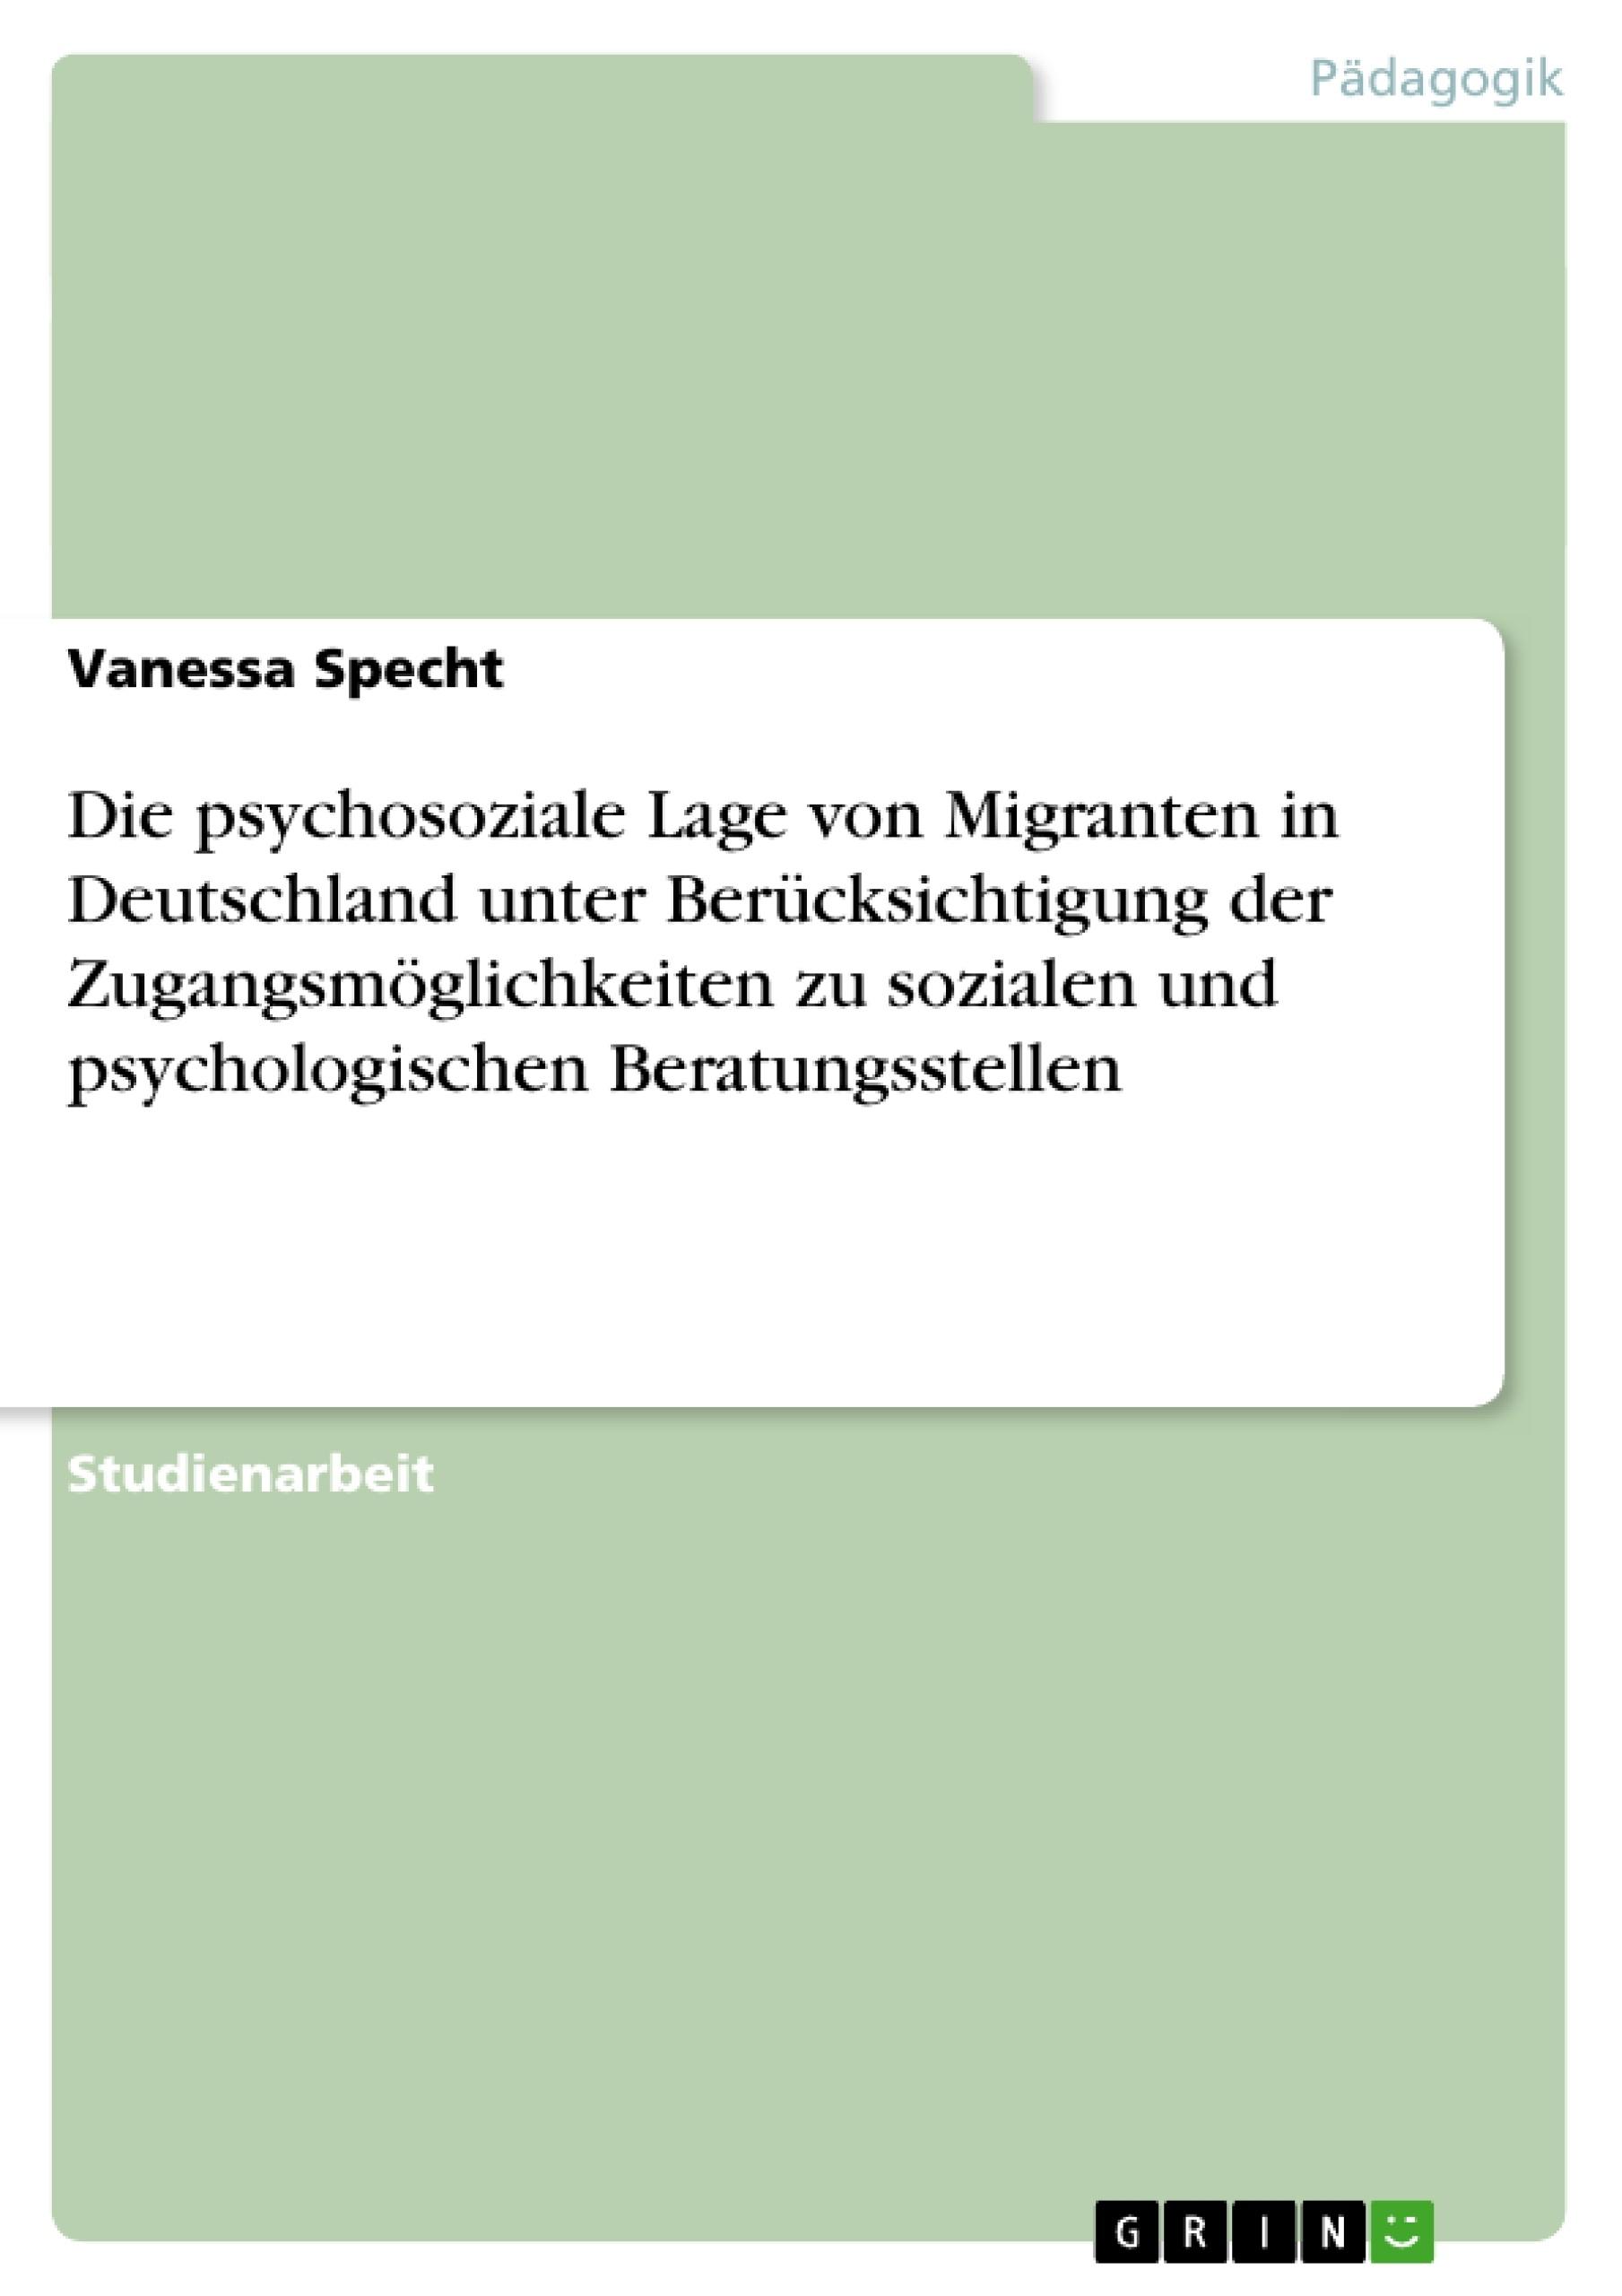 Titel: Die psychosoziale Lage von Migranten in Deutschland unter Berücksichtigung der Zugangsmöglichkeiten zu sozialen und psychologischen Beratungsstellen